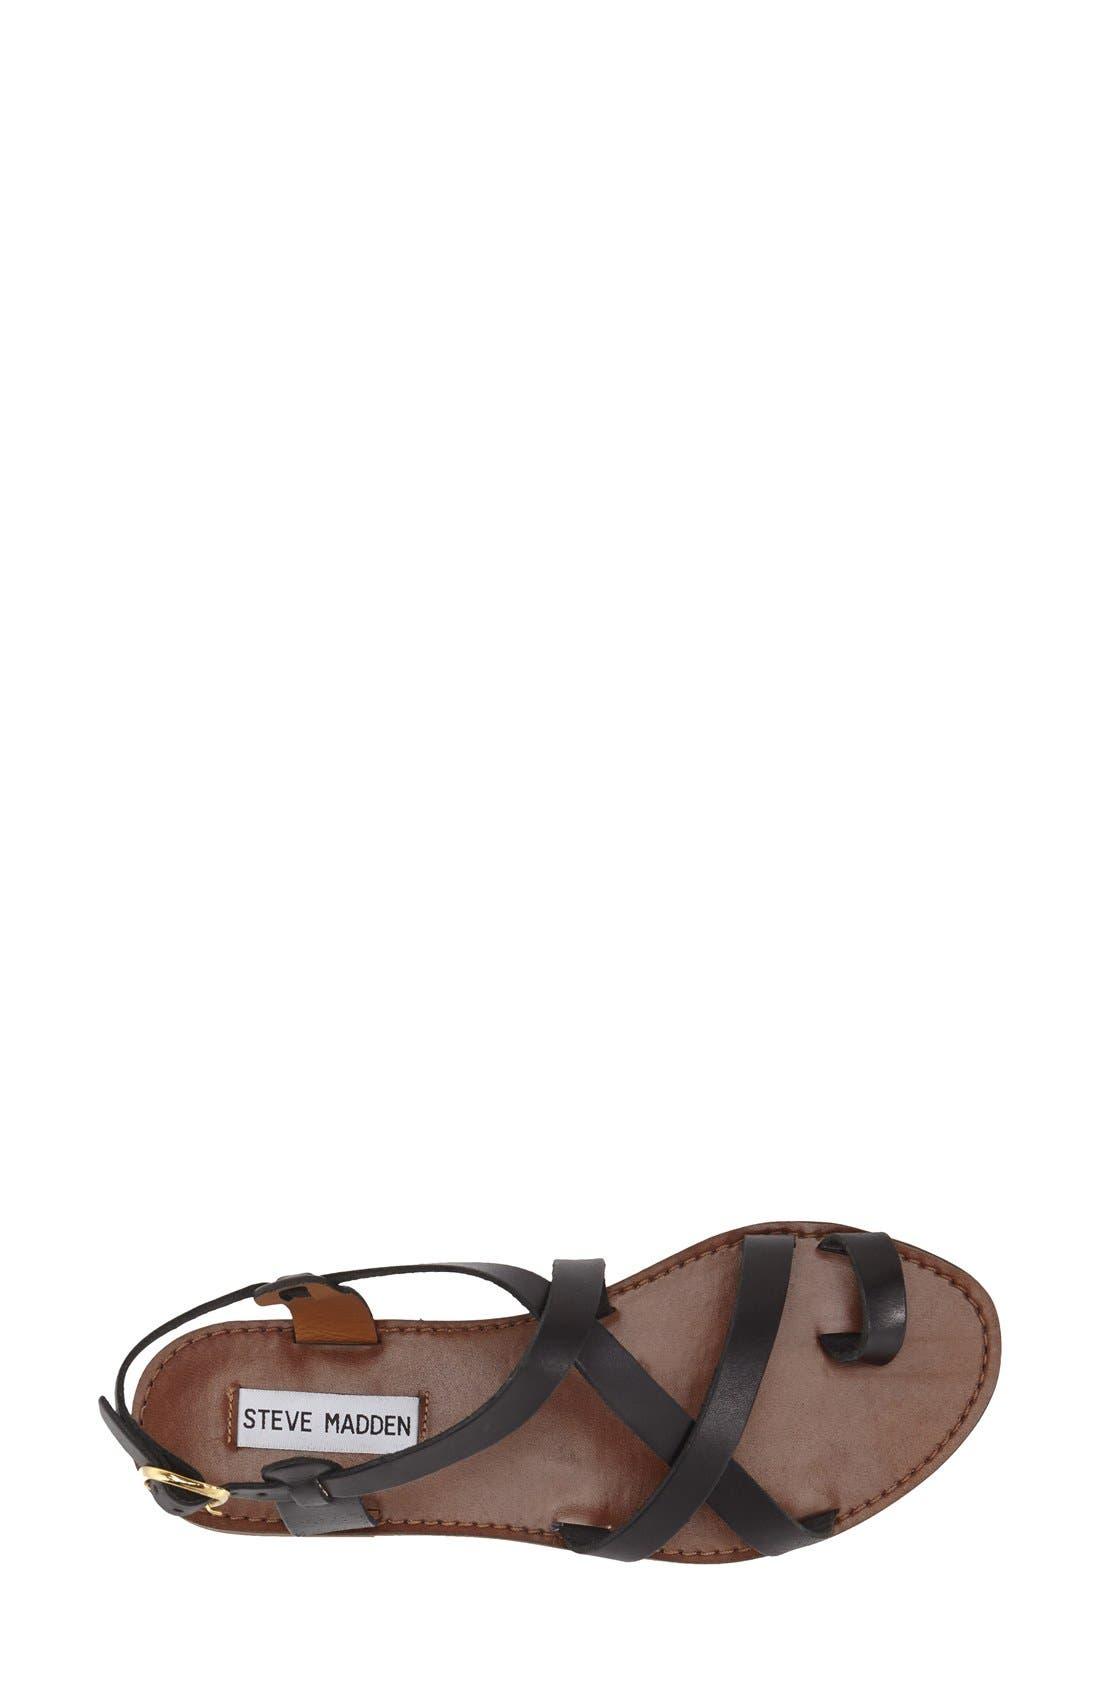 Alternate Image 3  - Steve Madden 'Agathist' Leather Ankle Strap Sandal (Women)